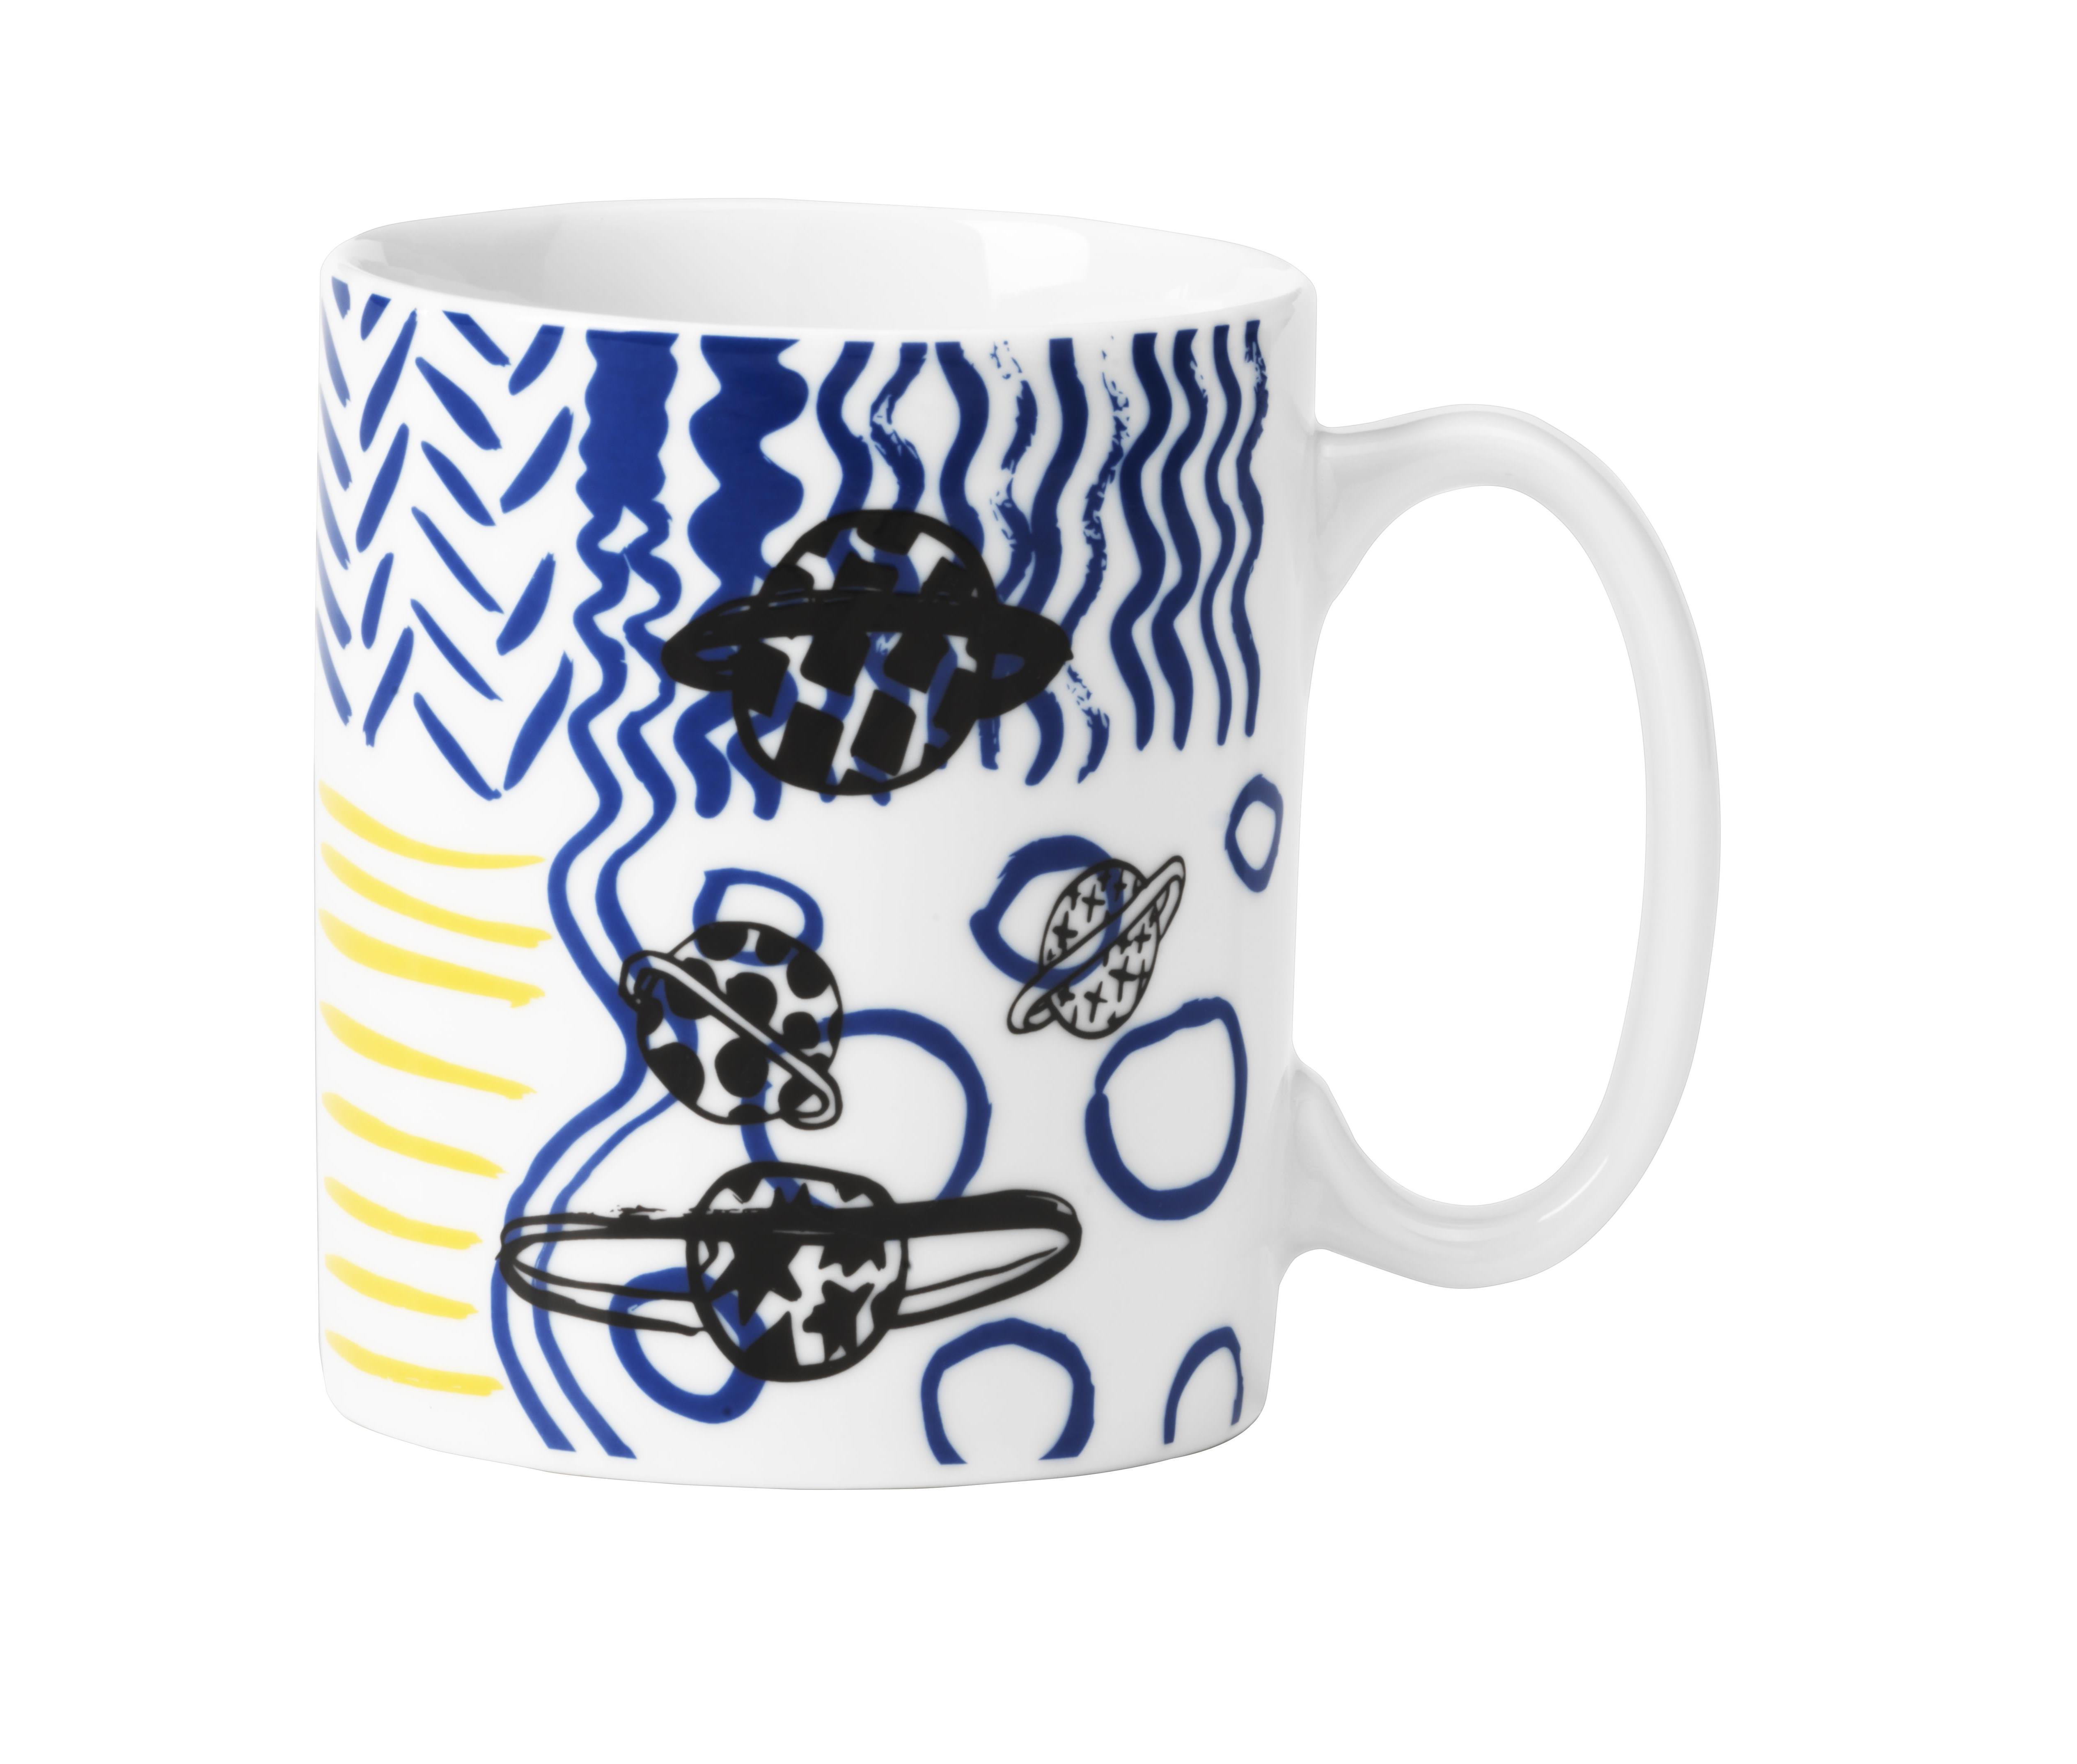 ИКЕА выпустила лимитированную коллекцию с дизайнером Китом Нилом | галерея [1] фото [2]